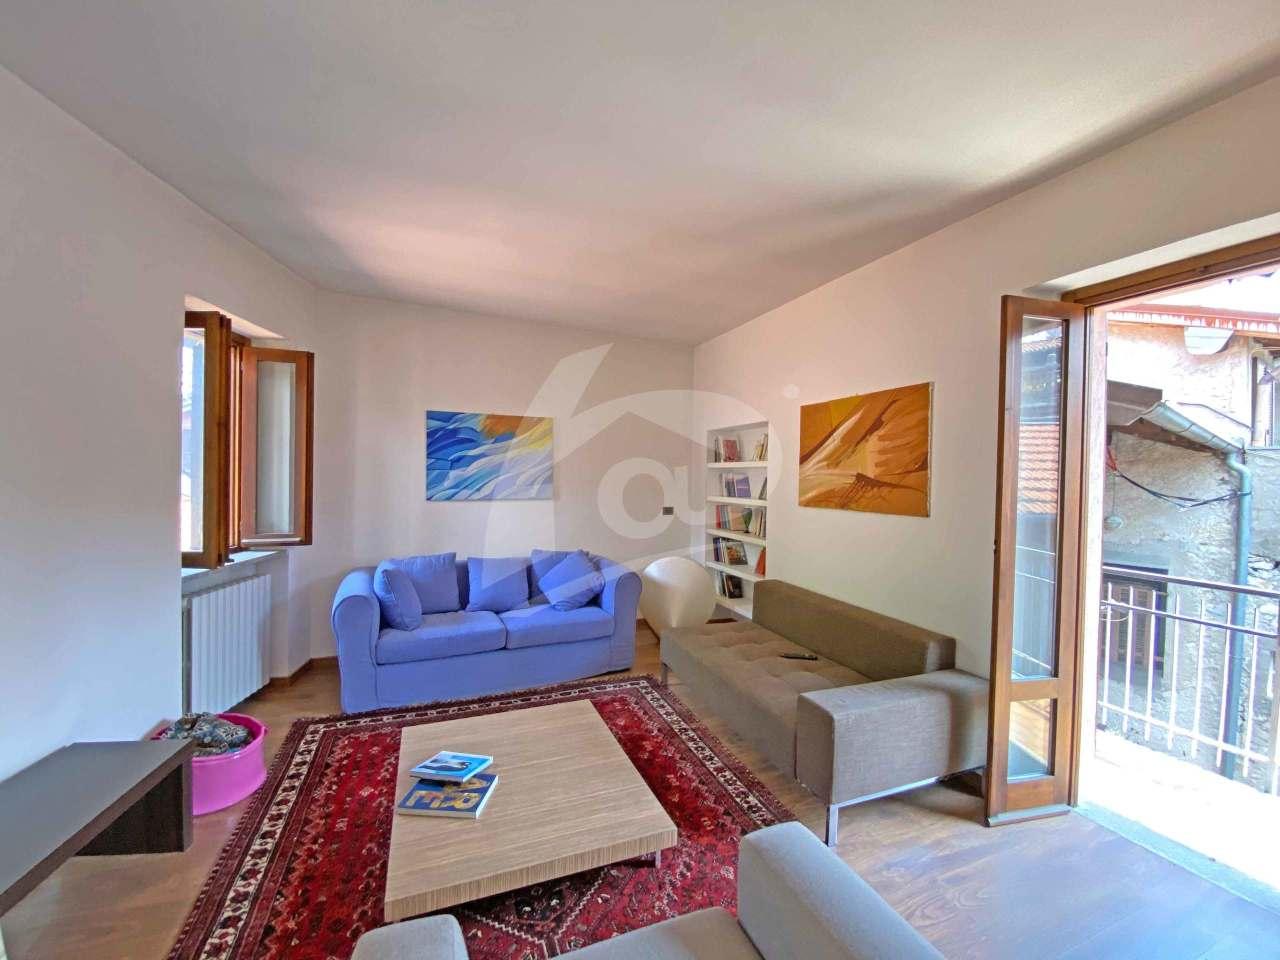 Soluzione Semindipendente in vendita a Leggiuno, 3 locali, prezzo € 135.000 | PortaleAgenzieImmobiliari.it